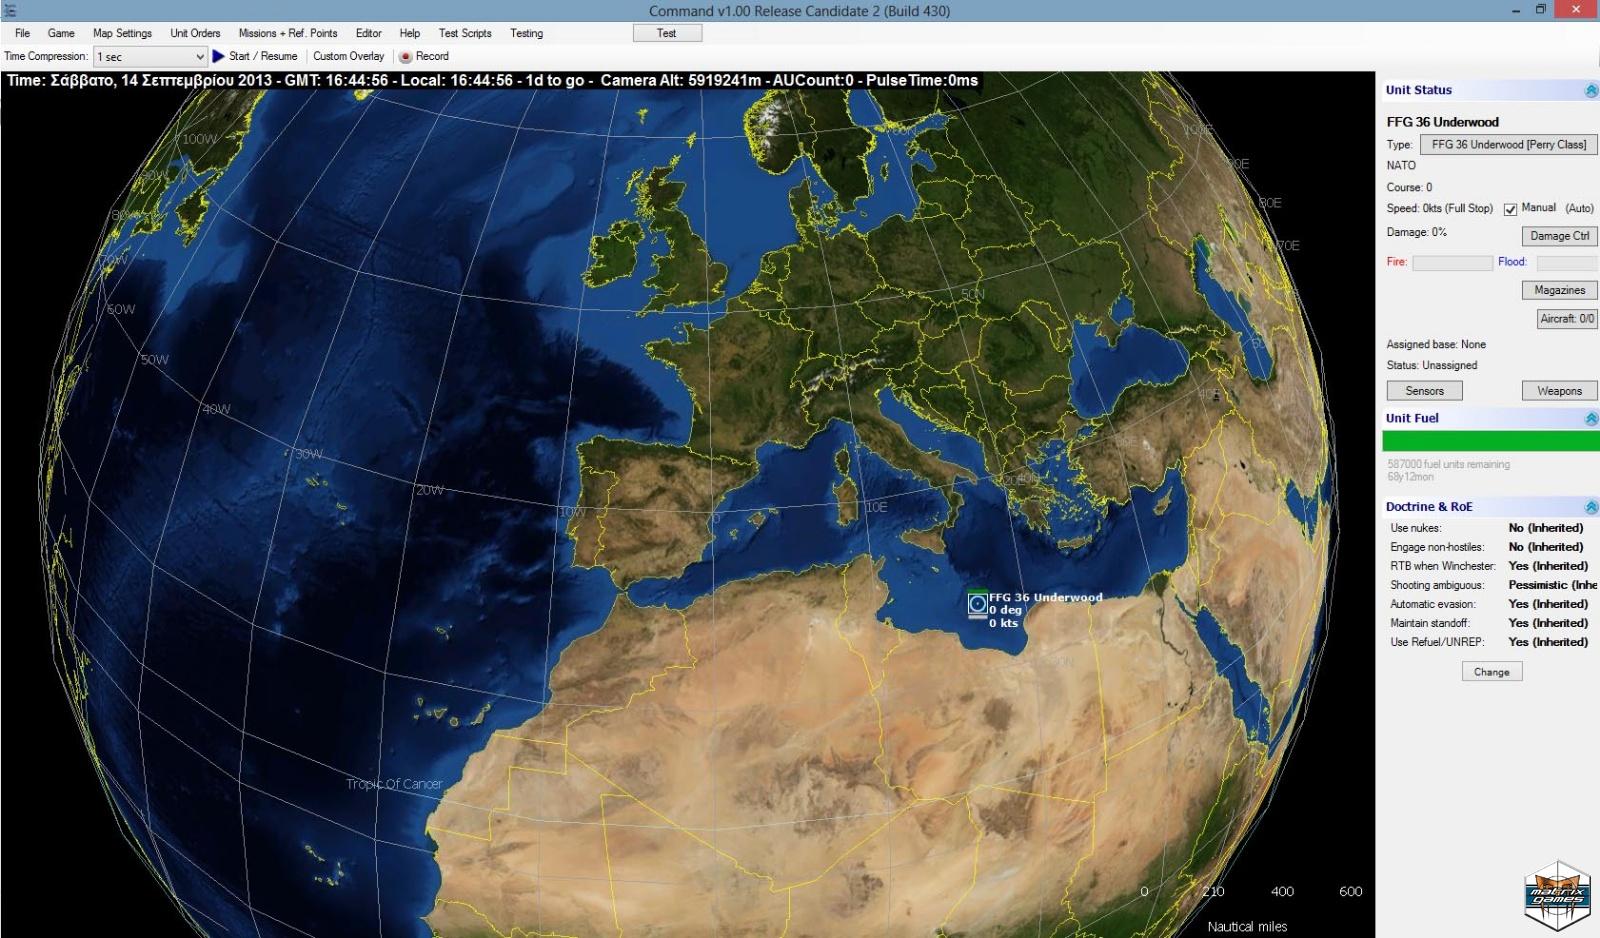 command-modern-air-naval-operations-screenshot-006